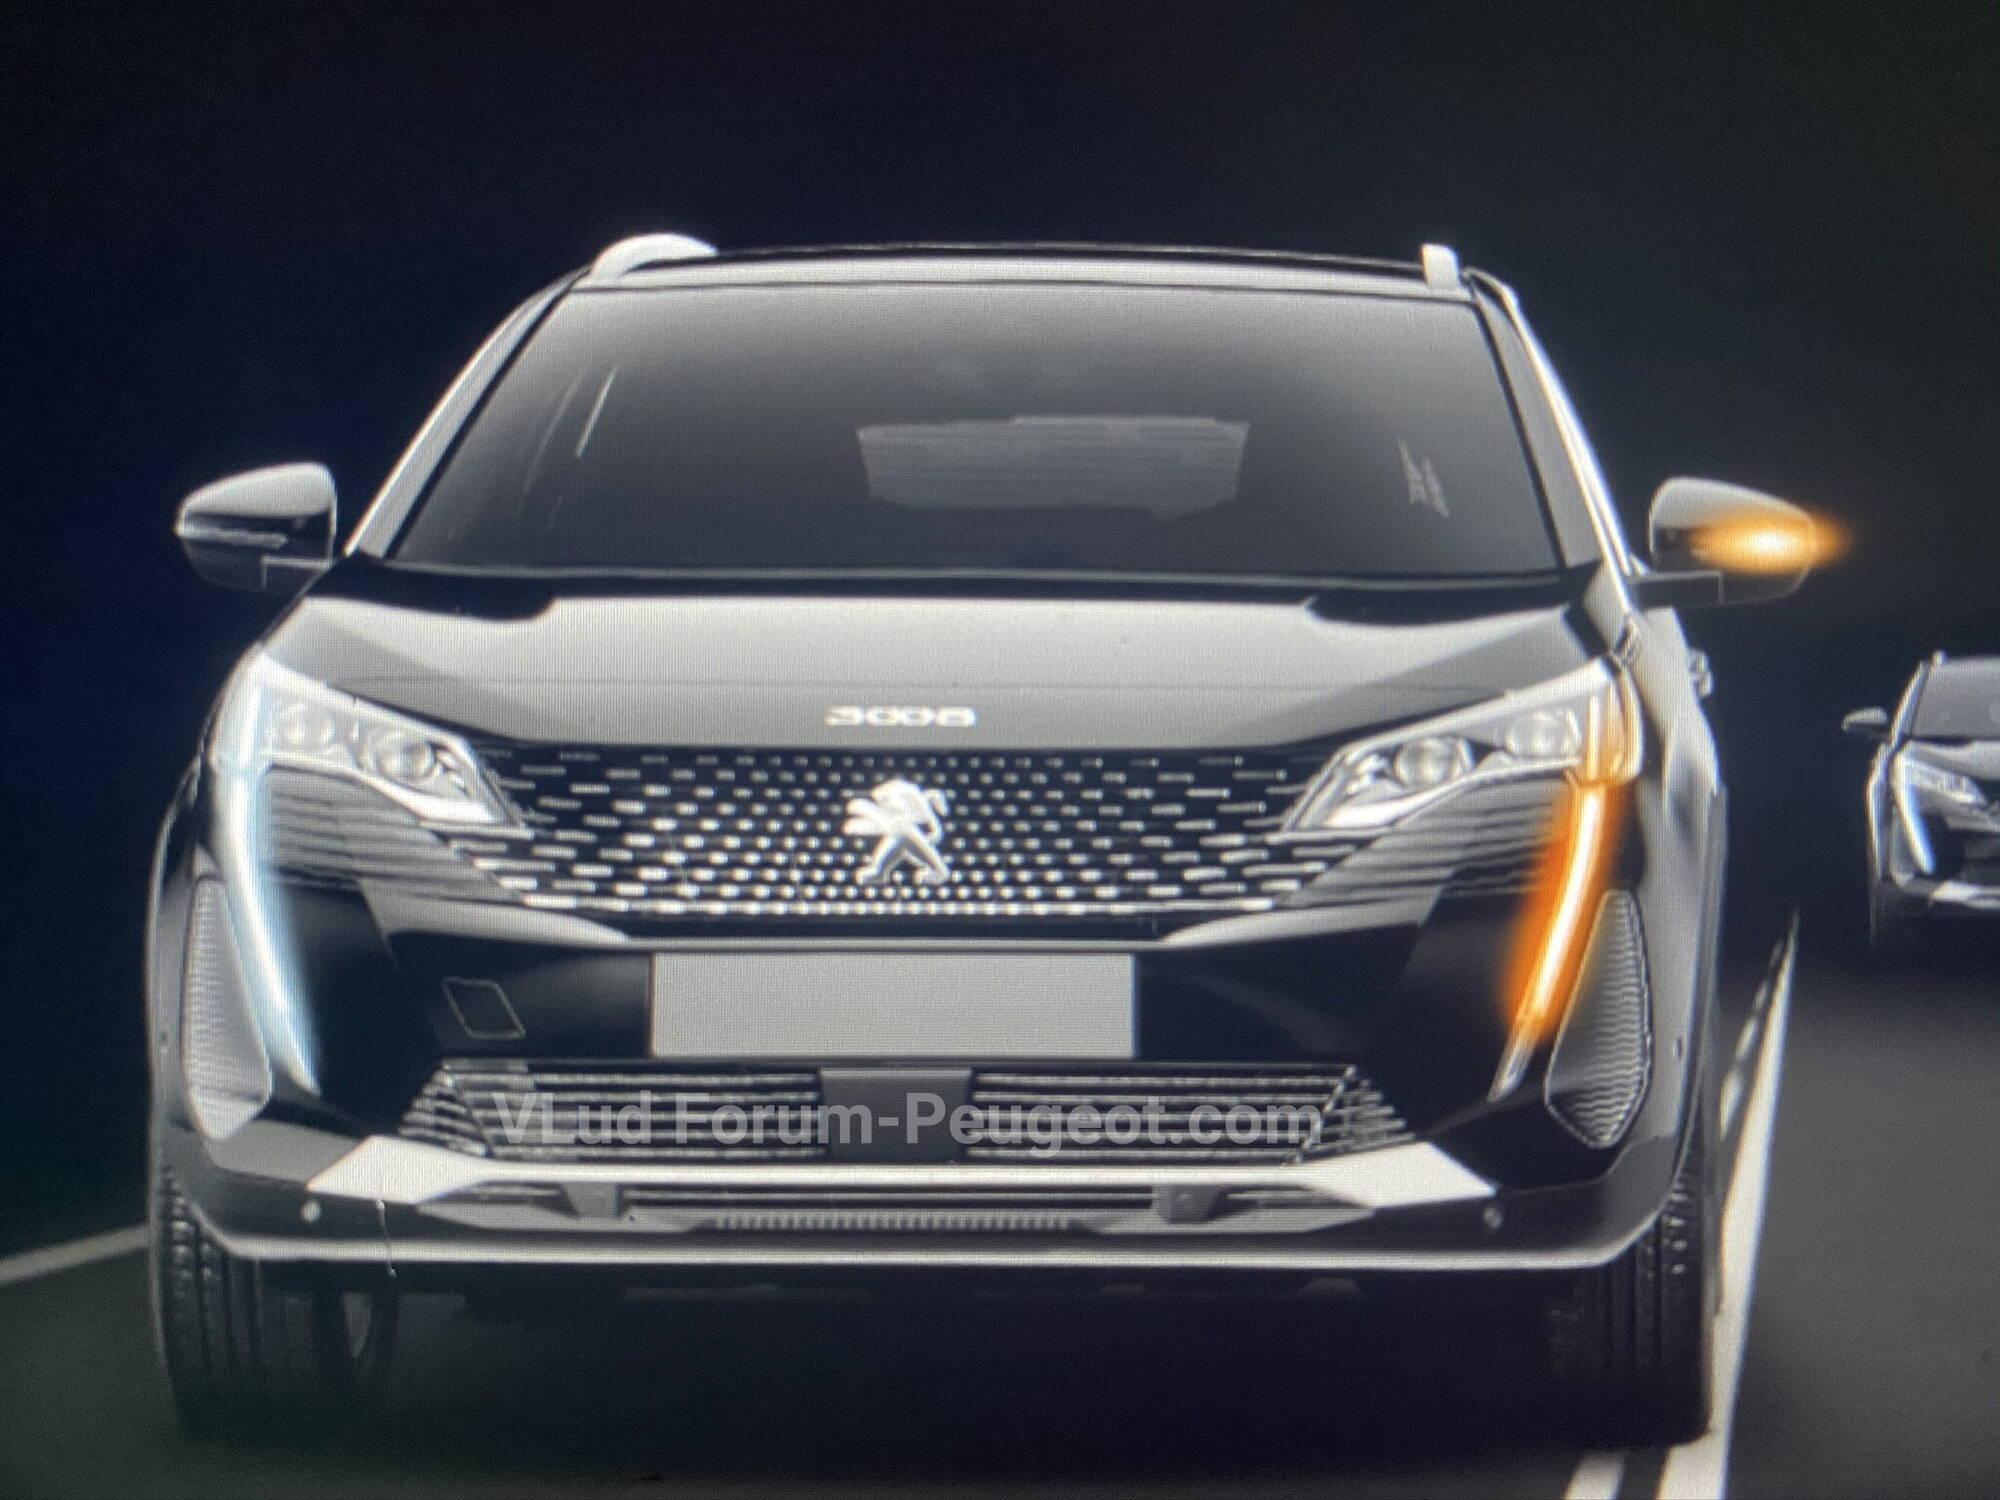 Фото Peugeot 3008 2021 модельного року вперше просочилися в мережу.